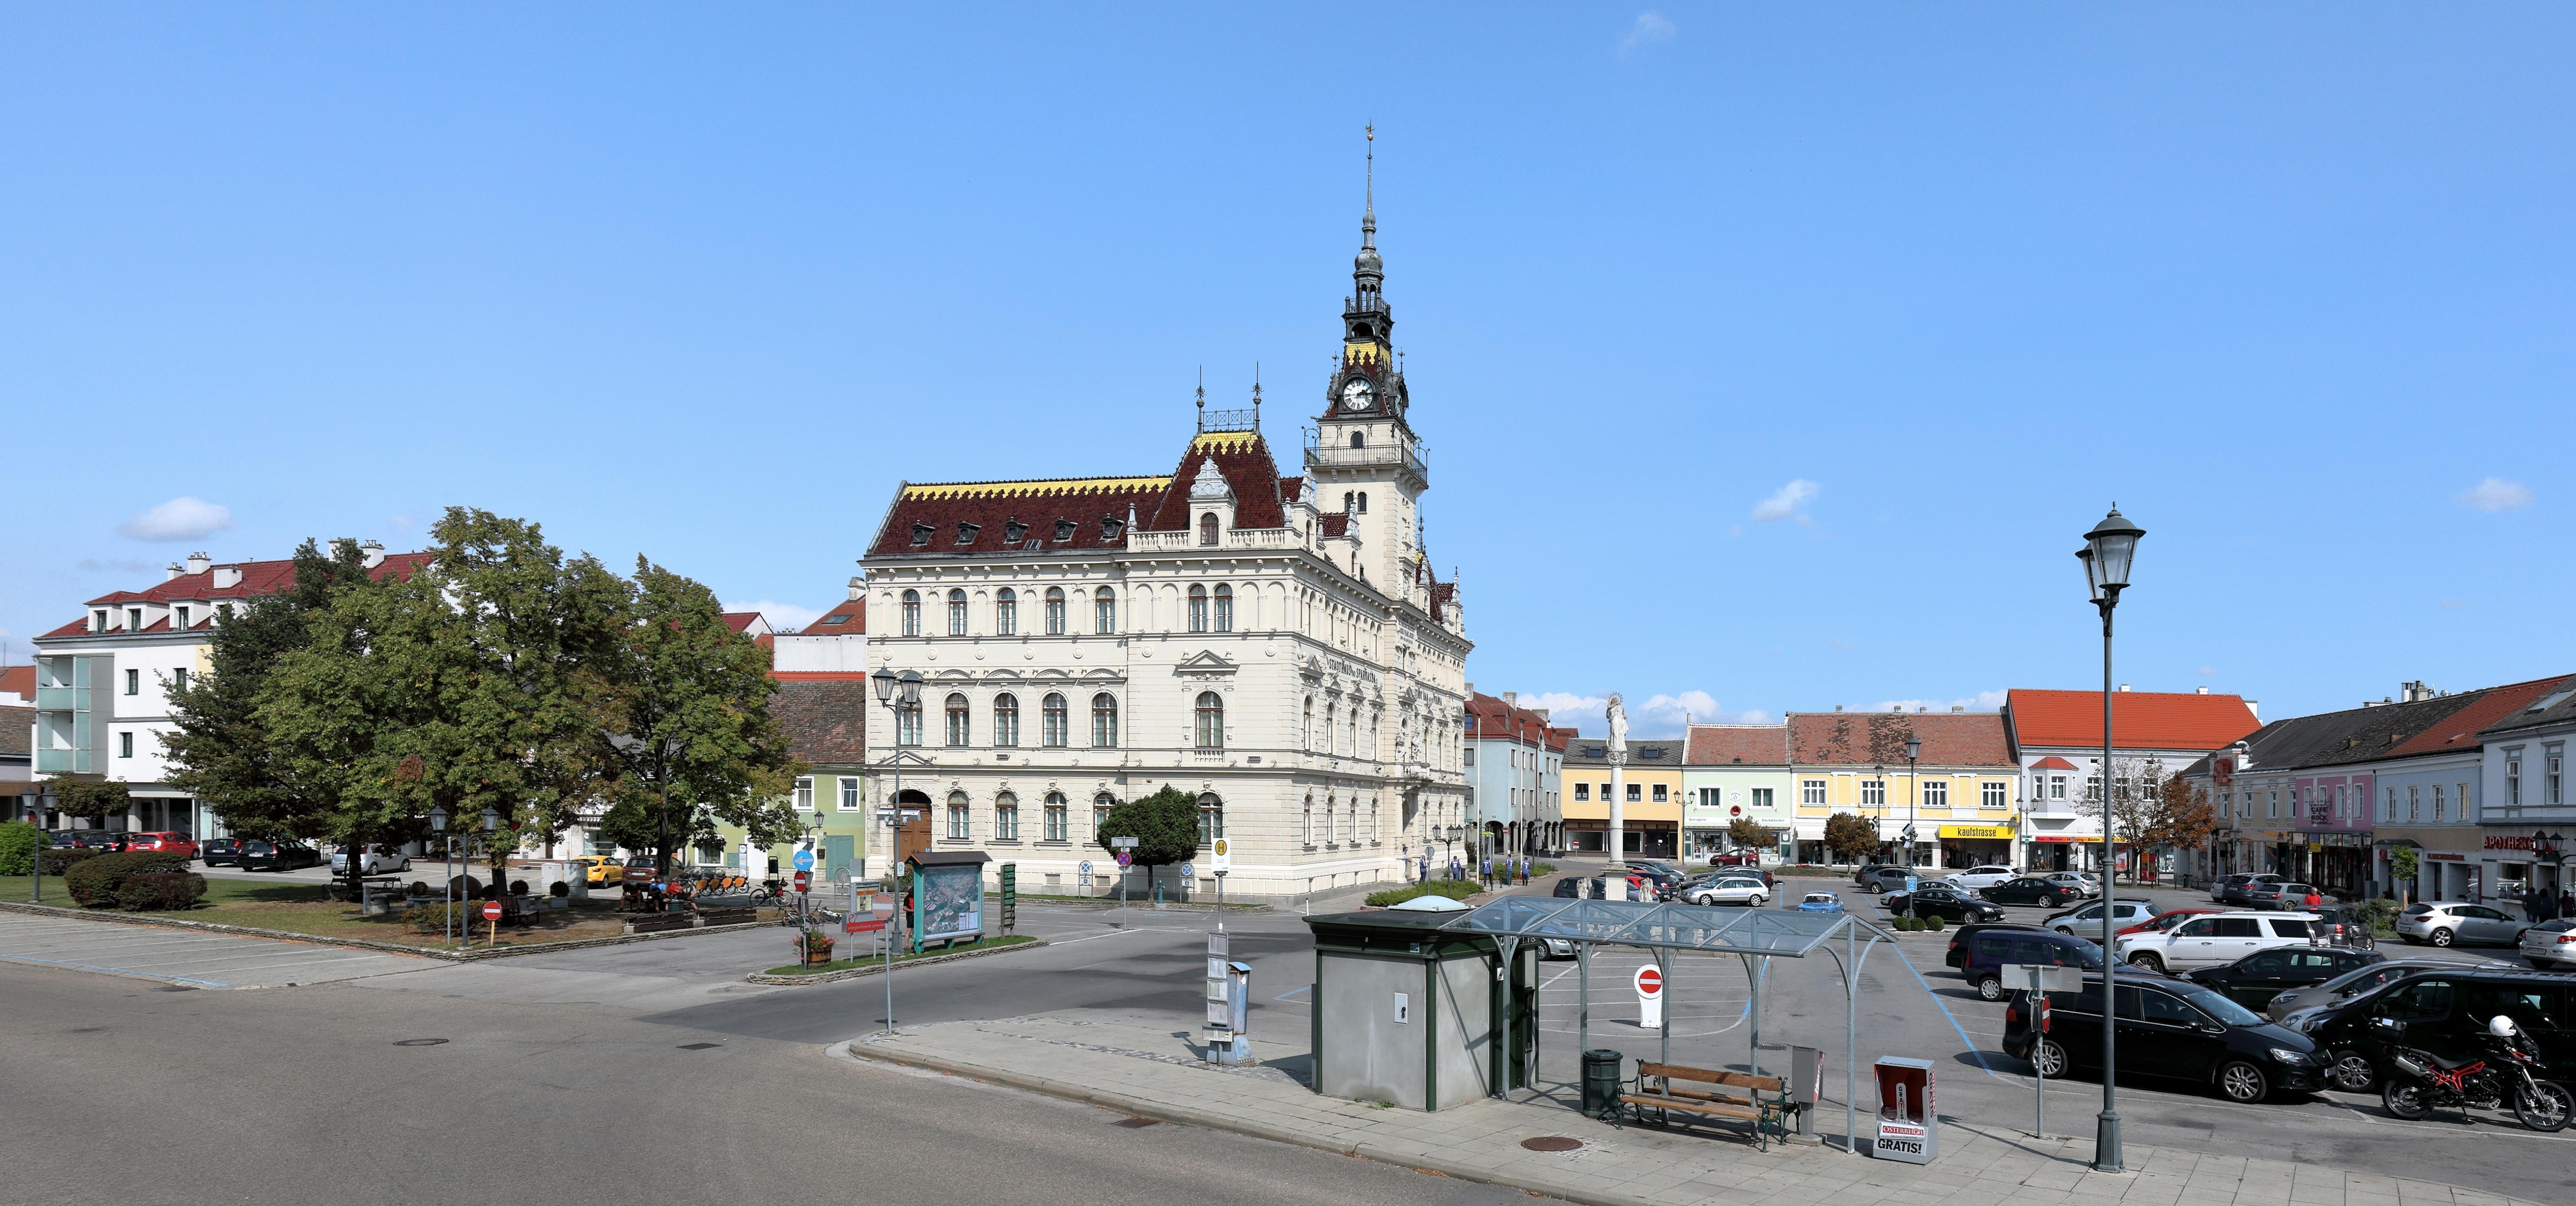 Dateilaa An Der Thaya Stadtplatz 2jpg Wikipedia